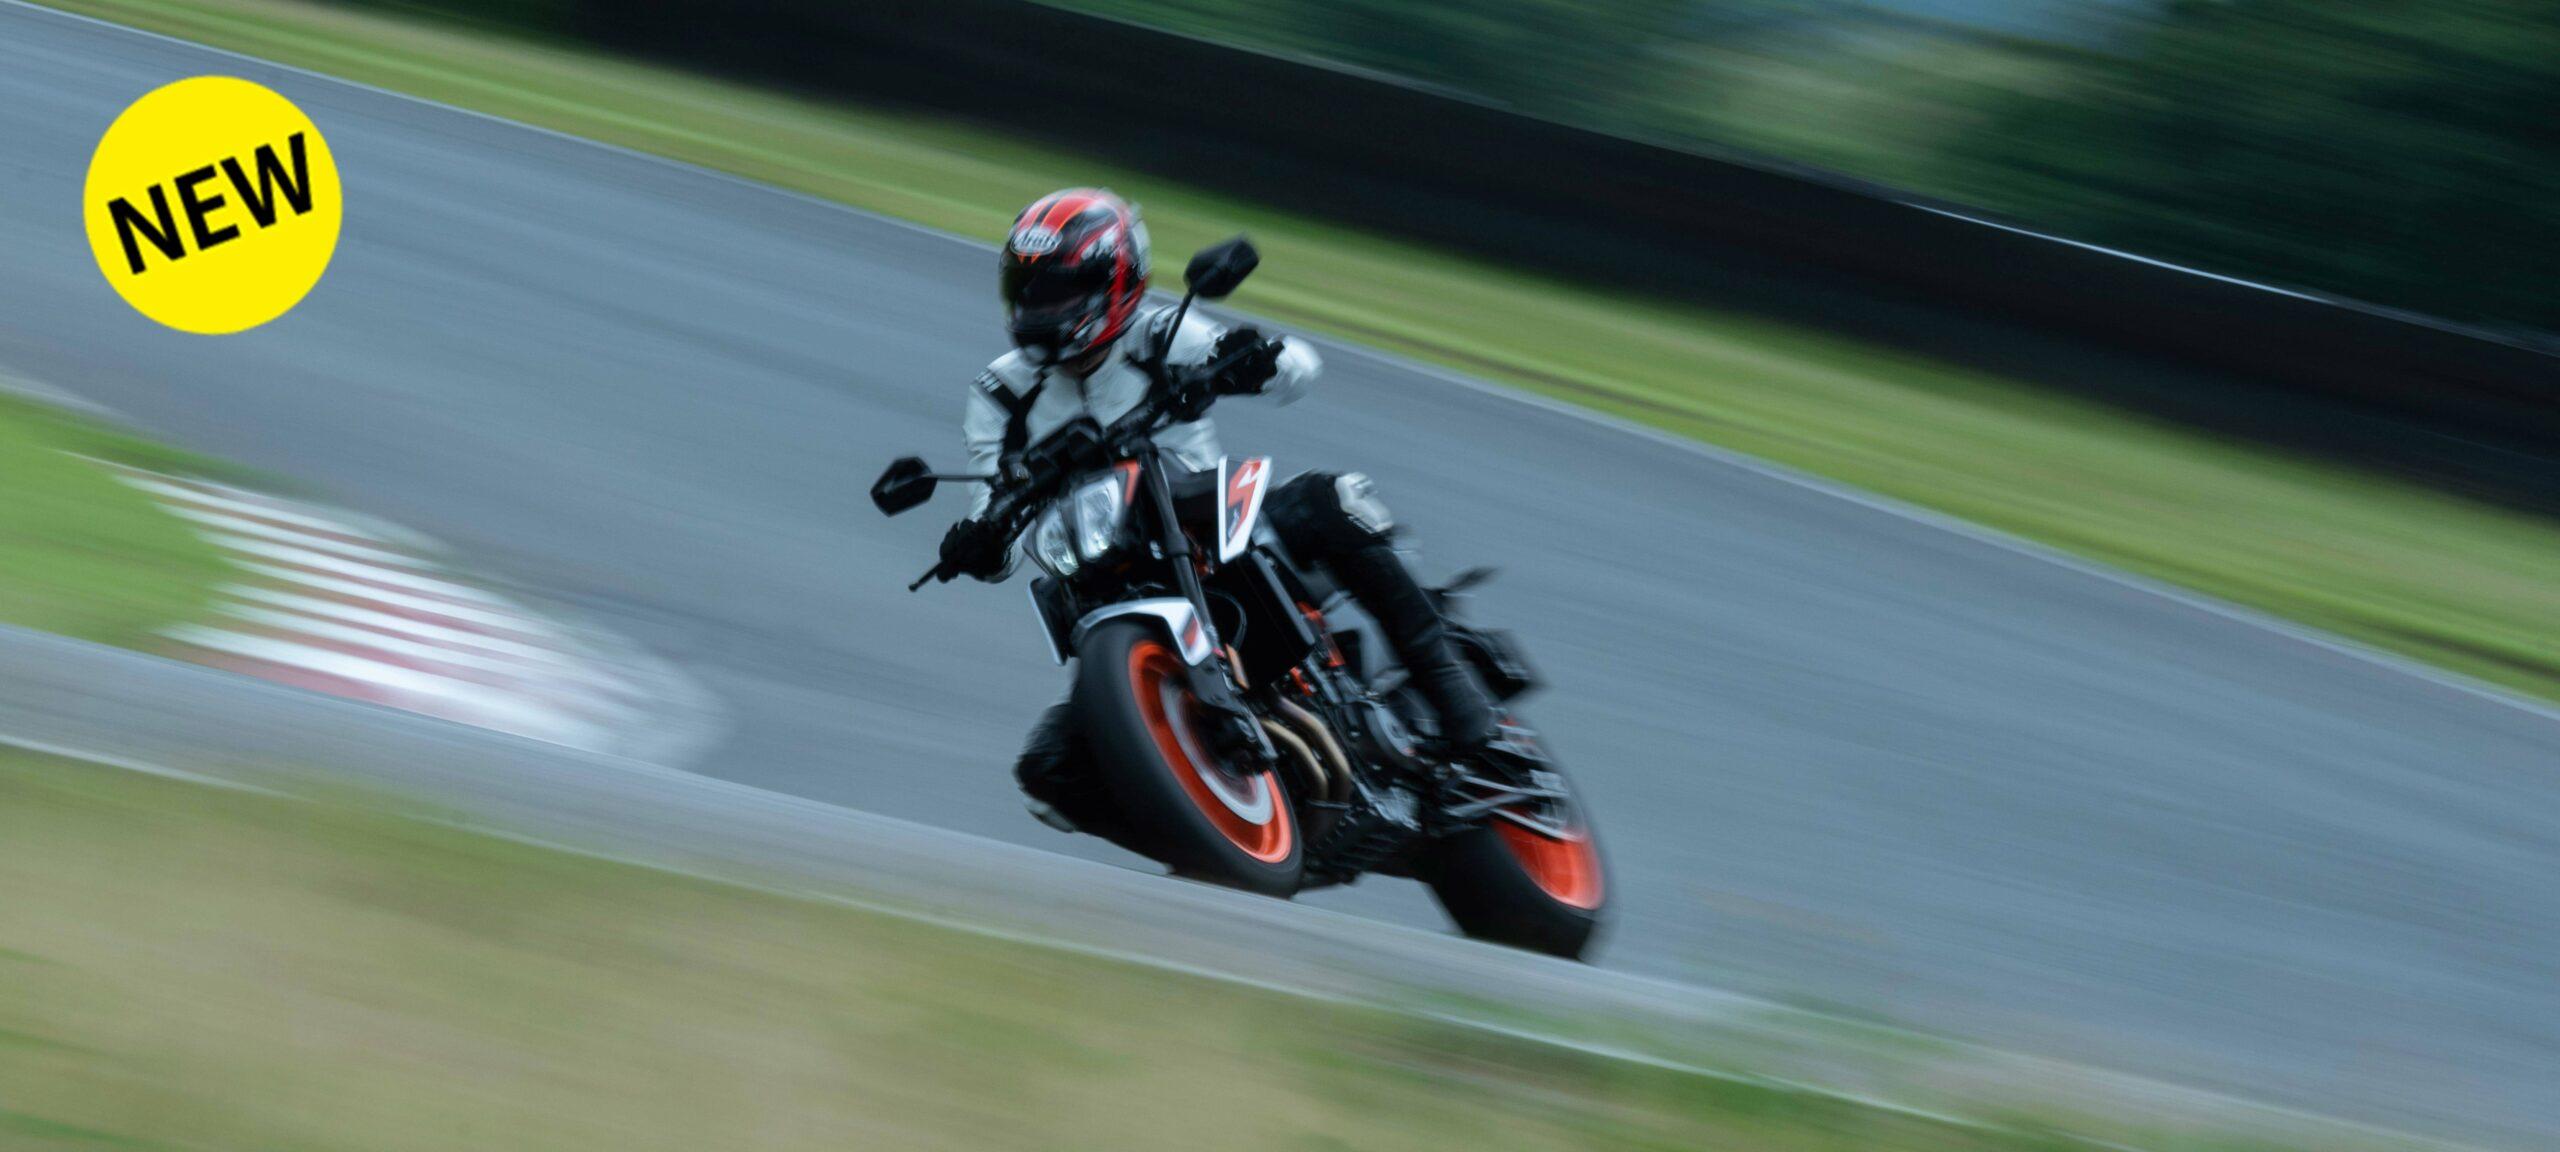 いまイチバンストリートなバイクはKTM 890 DUKEだ!